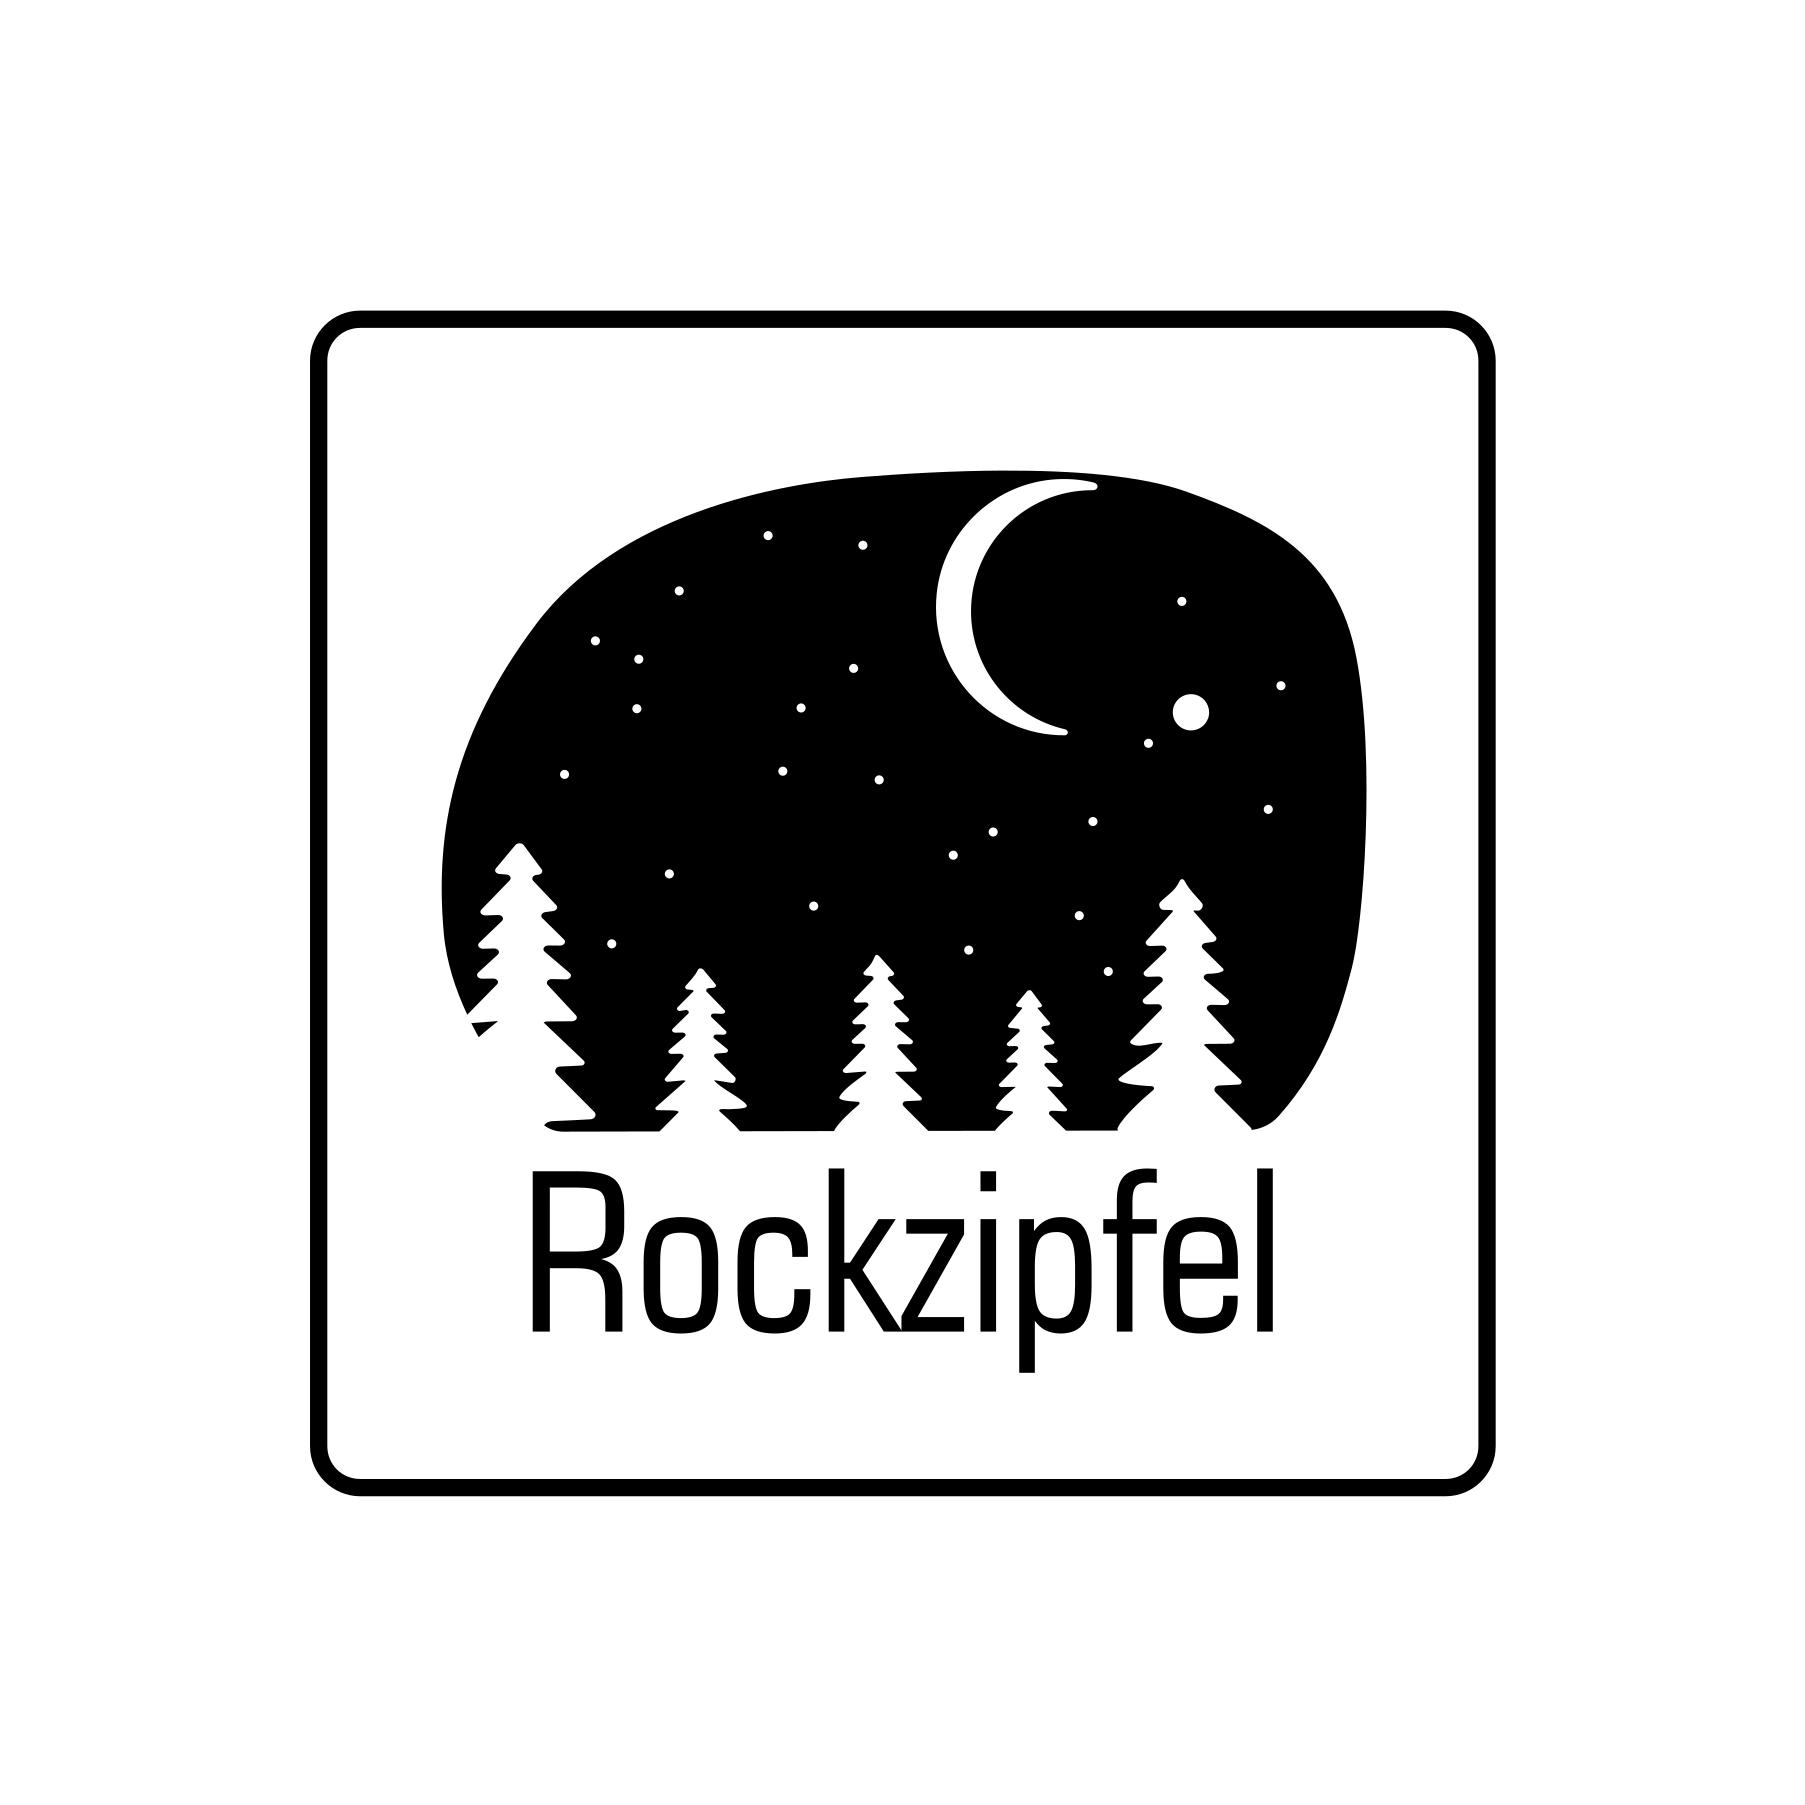 Rockzipfel